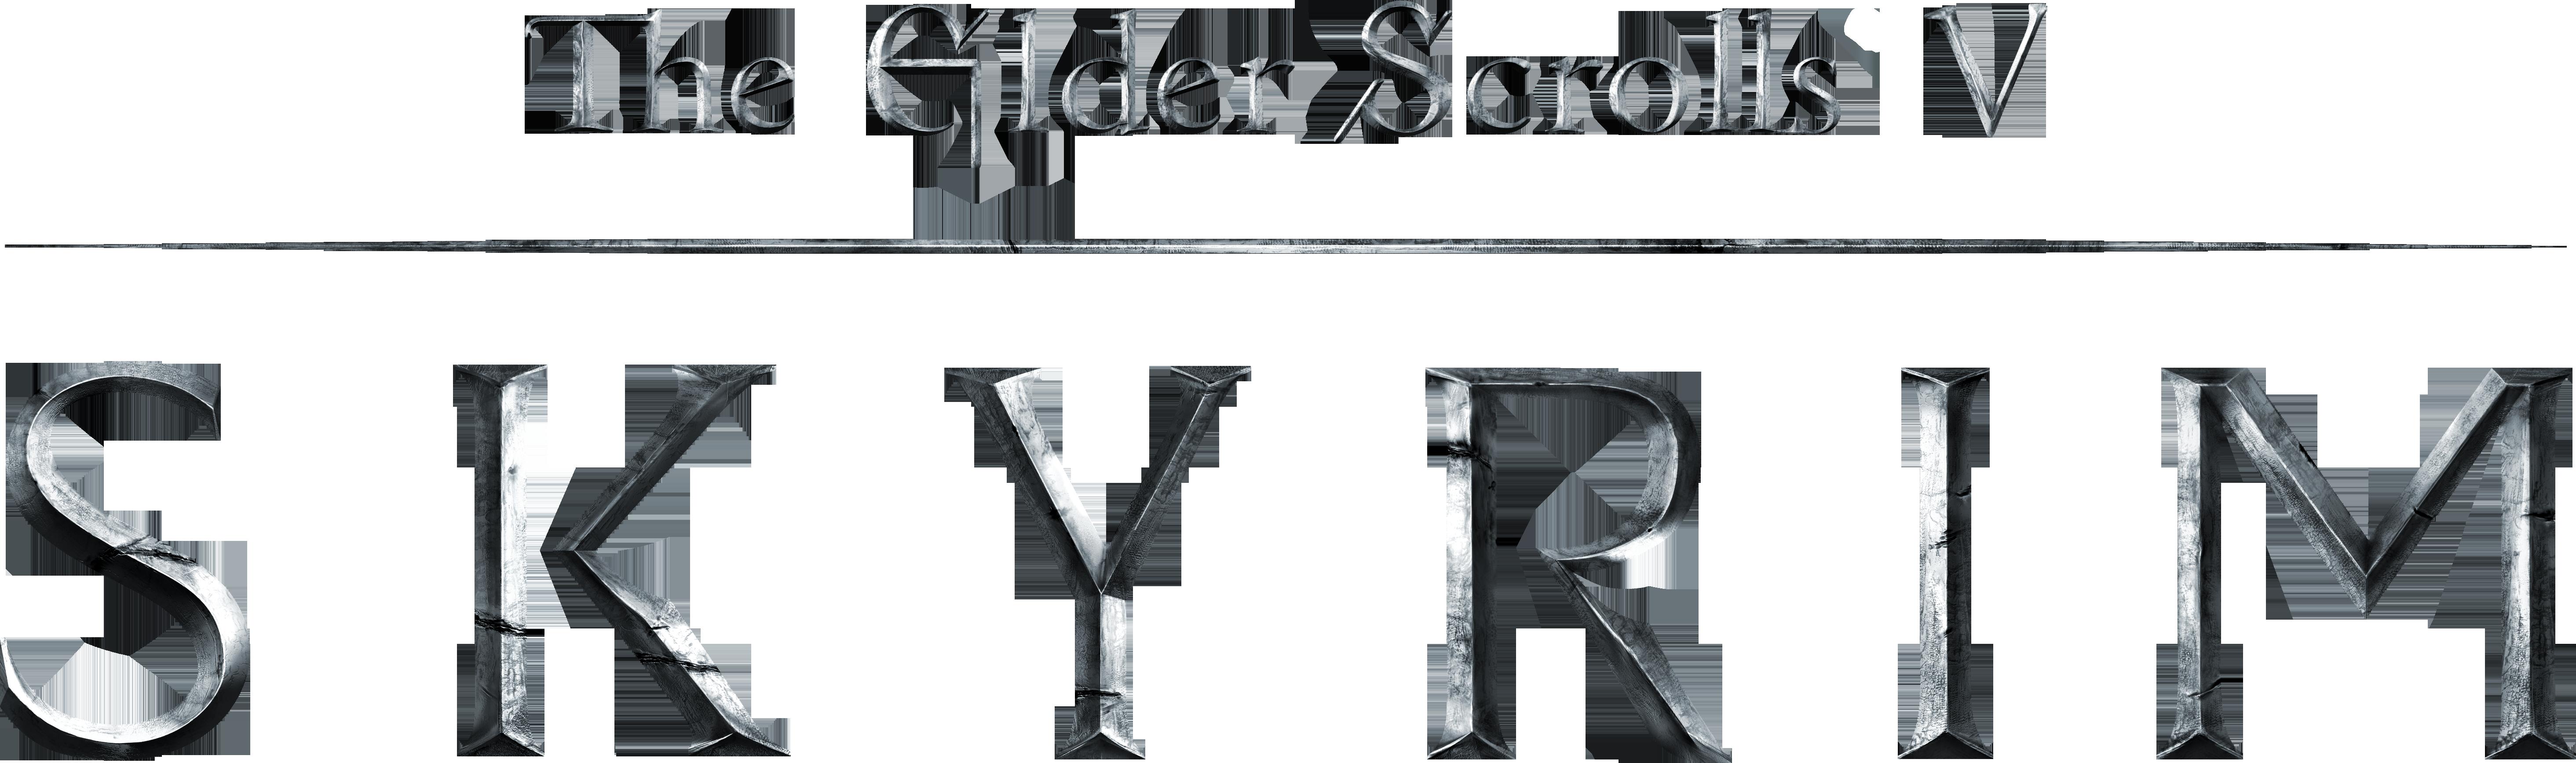 HD The Elder Scrolls Clipart Skyrim Logo.